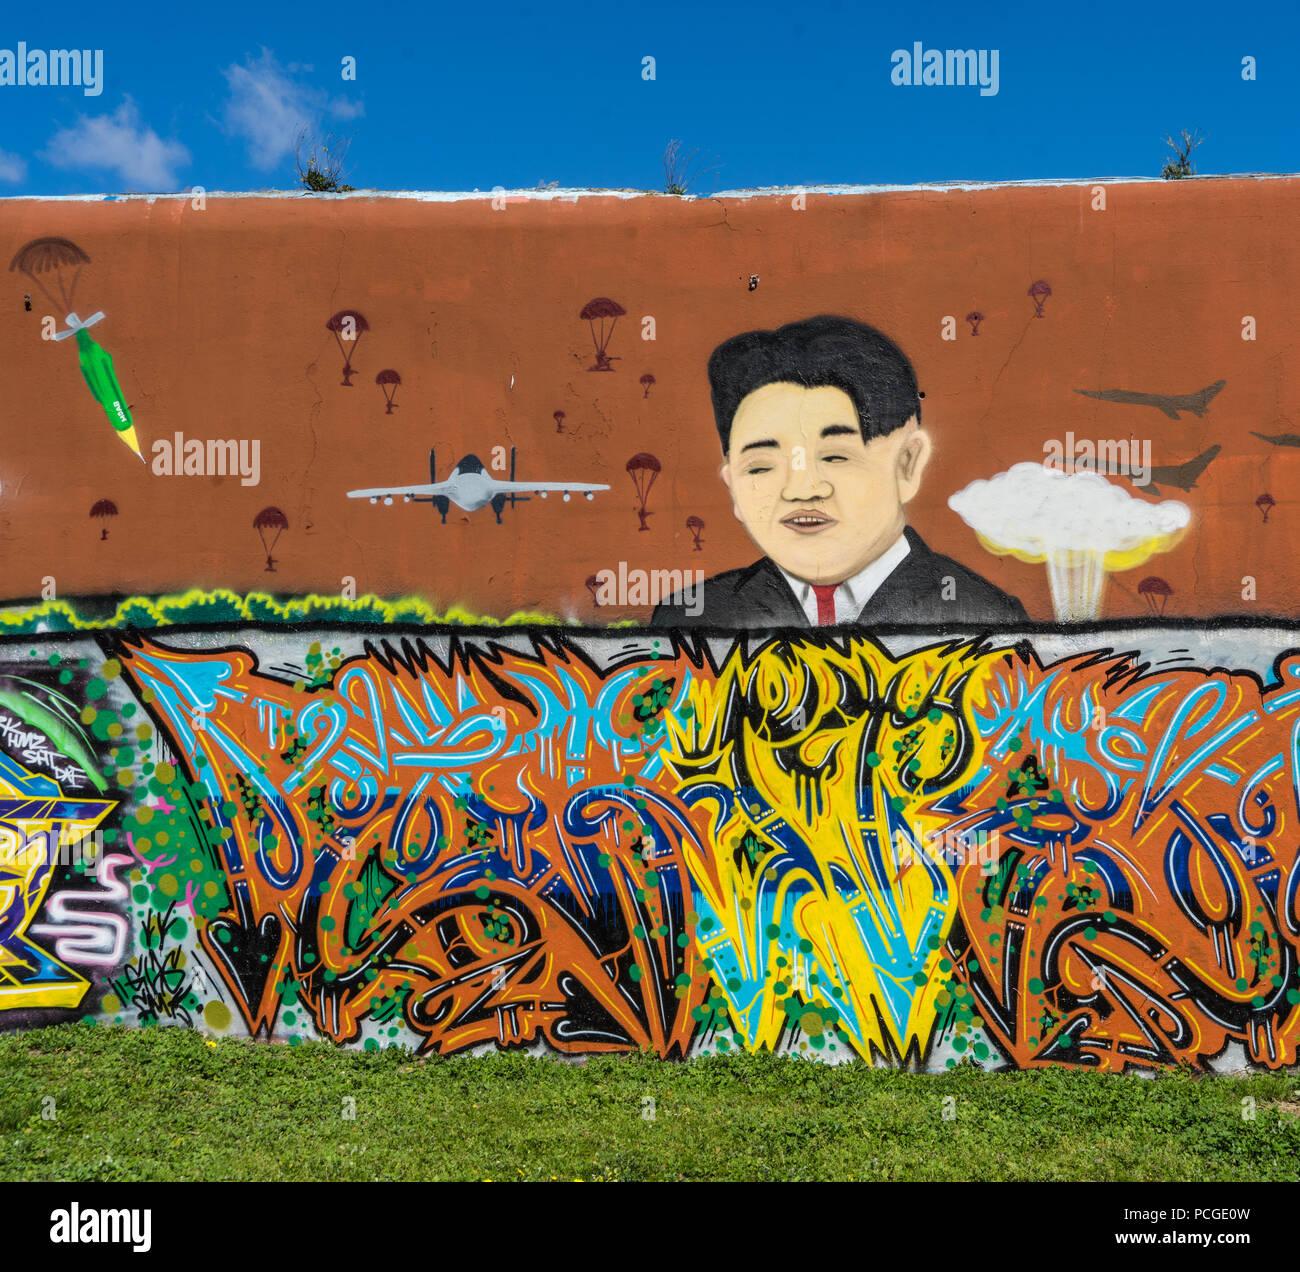 Lisboa, mural mostrando dictador coreano Kim Jong-nu Imagen De Stock